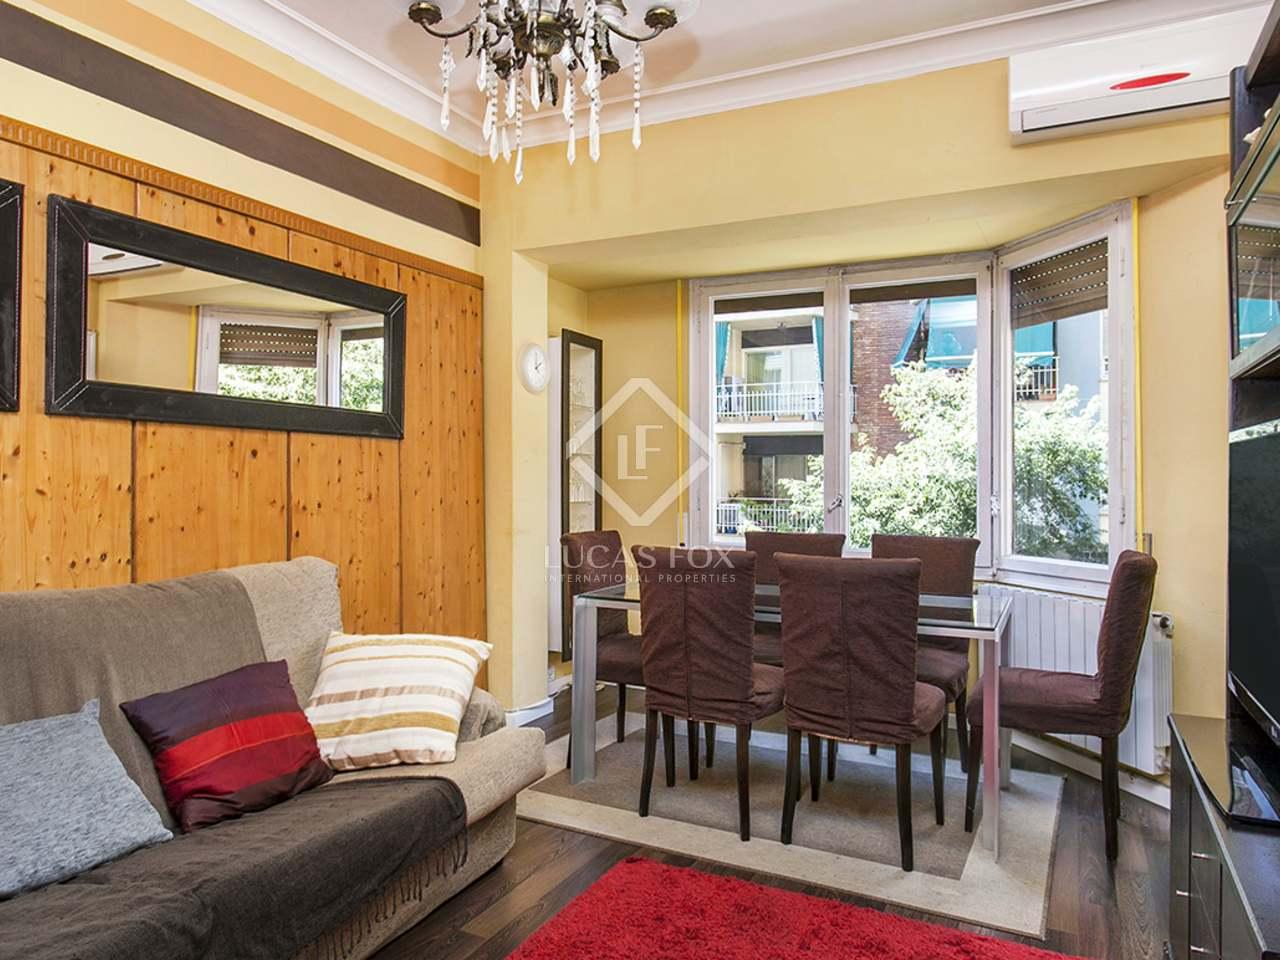 Apartamento con licencia tur stica en venta en el eixample for Licencia apartamento turistico madrid